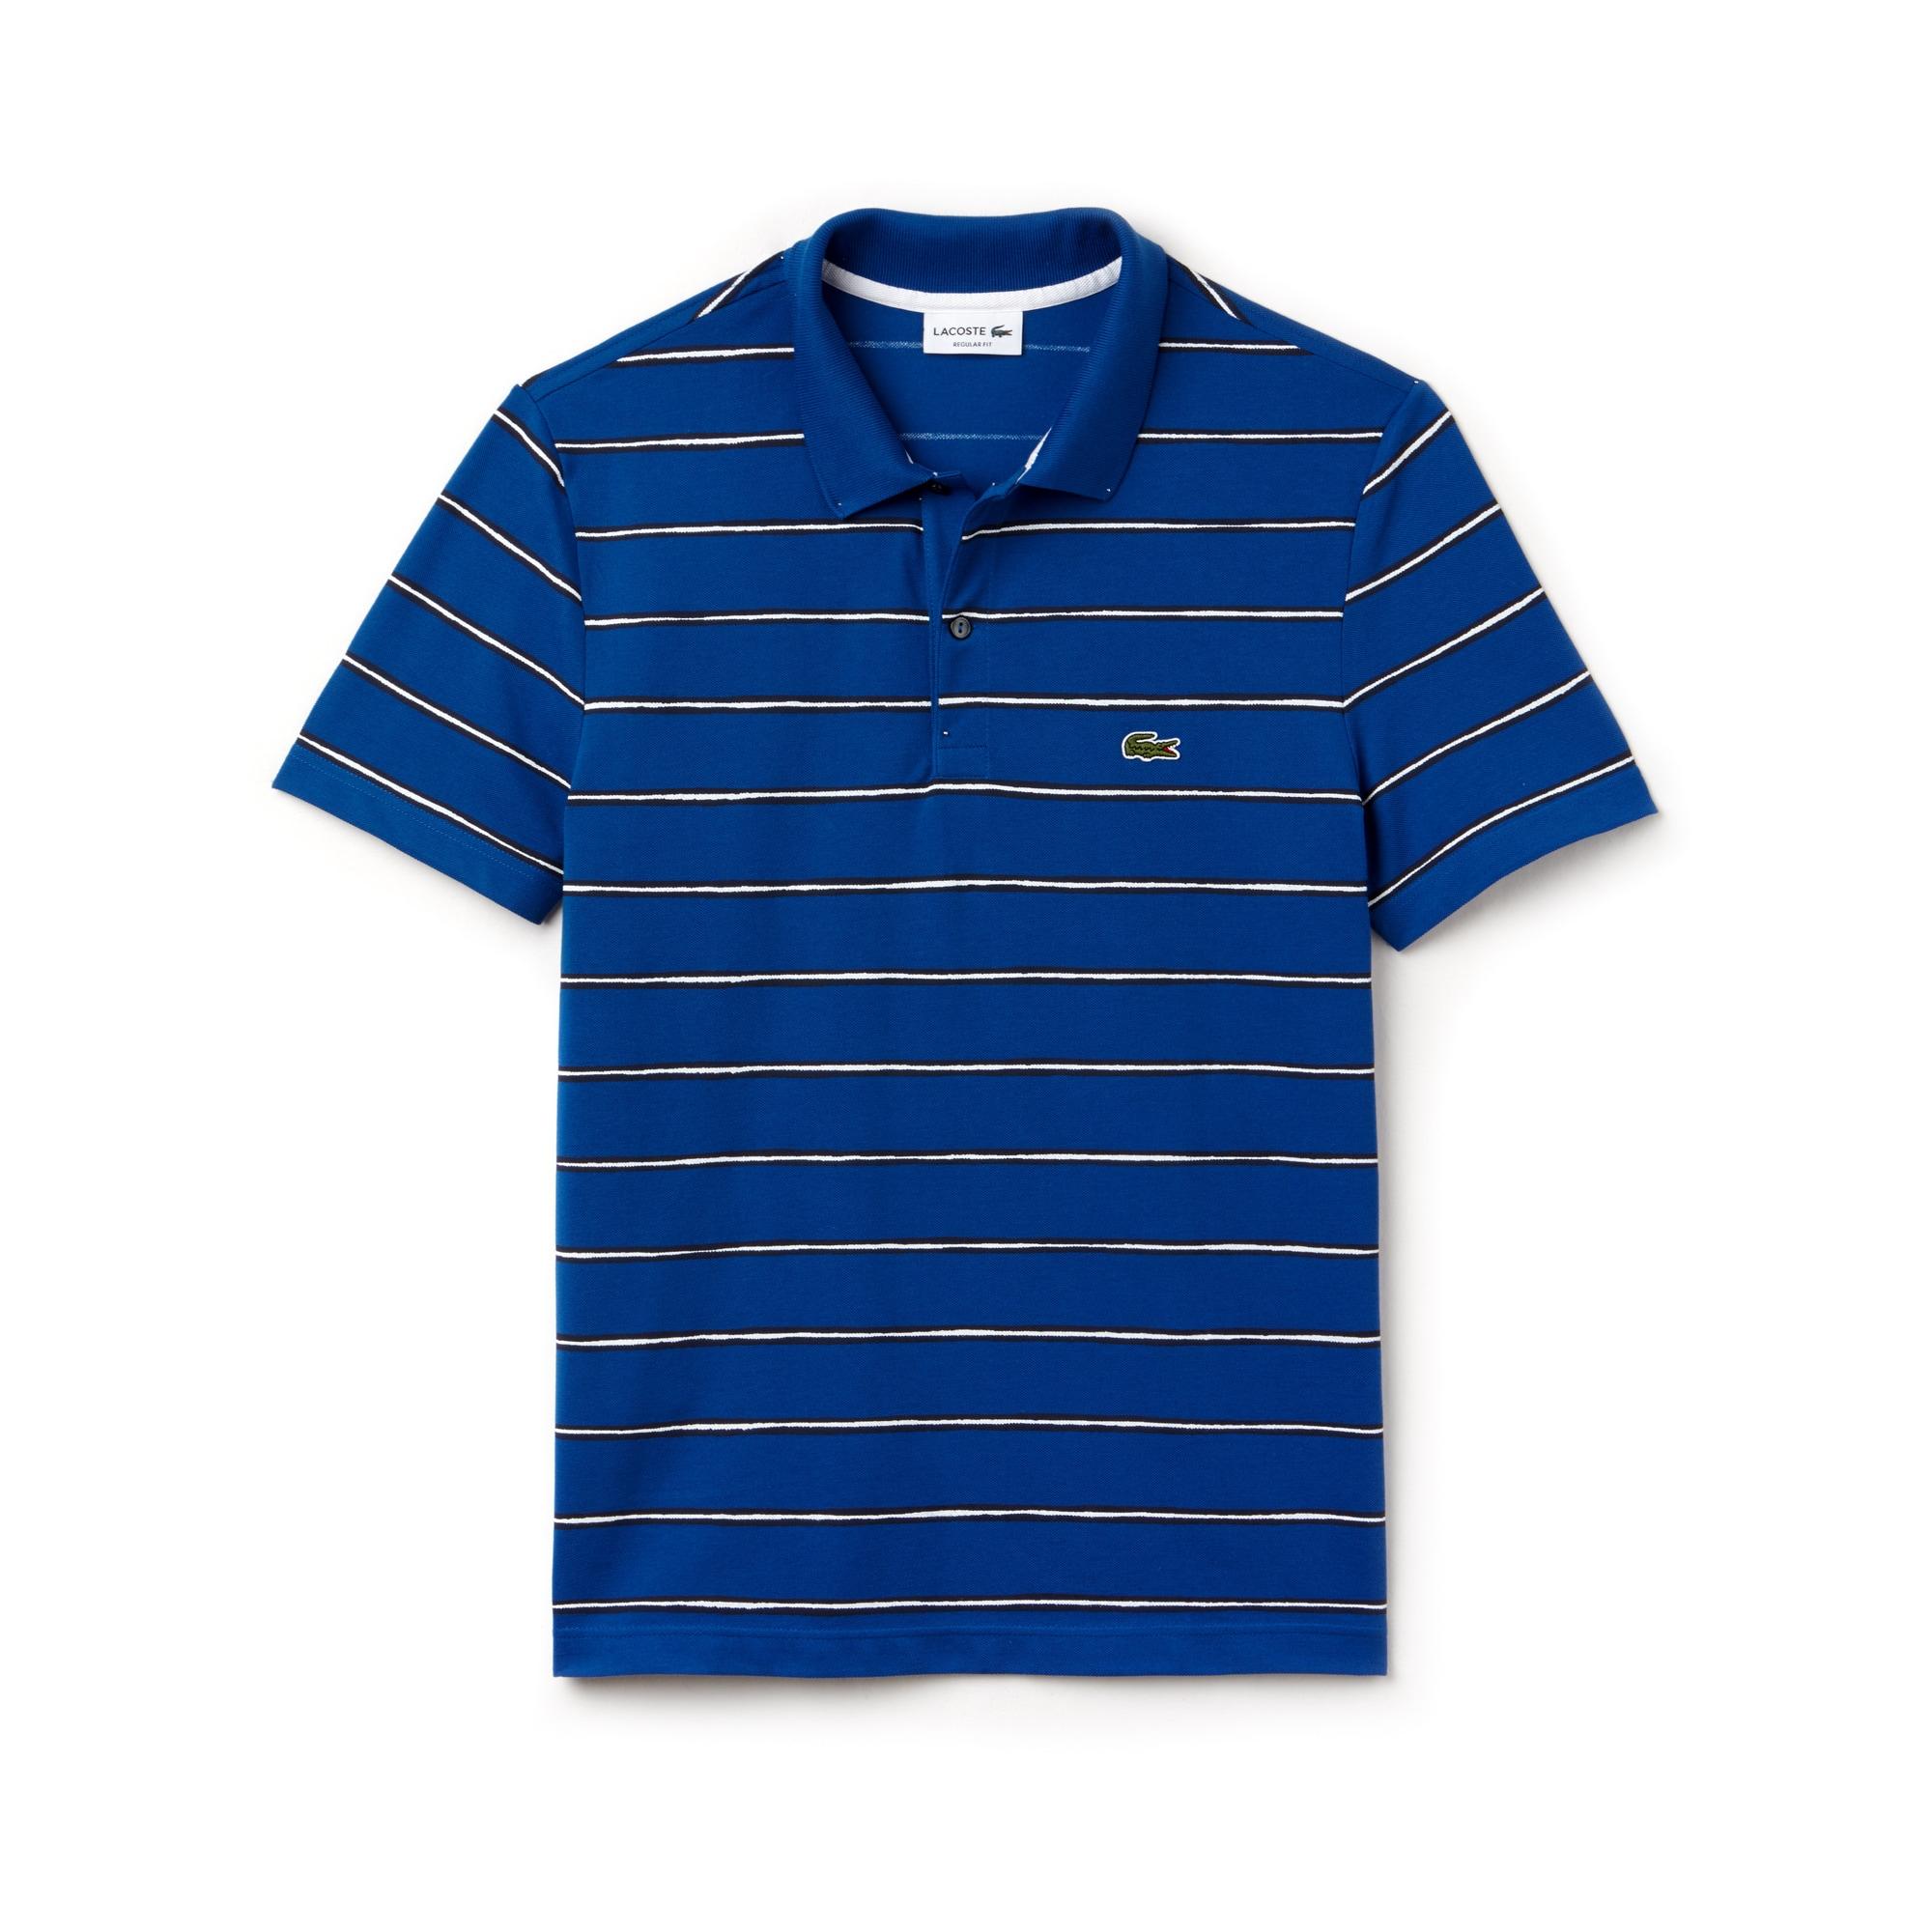 Herren Regular Fit Poloshirt aus Mini Piqué mit Streifendesign